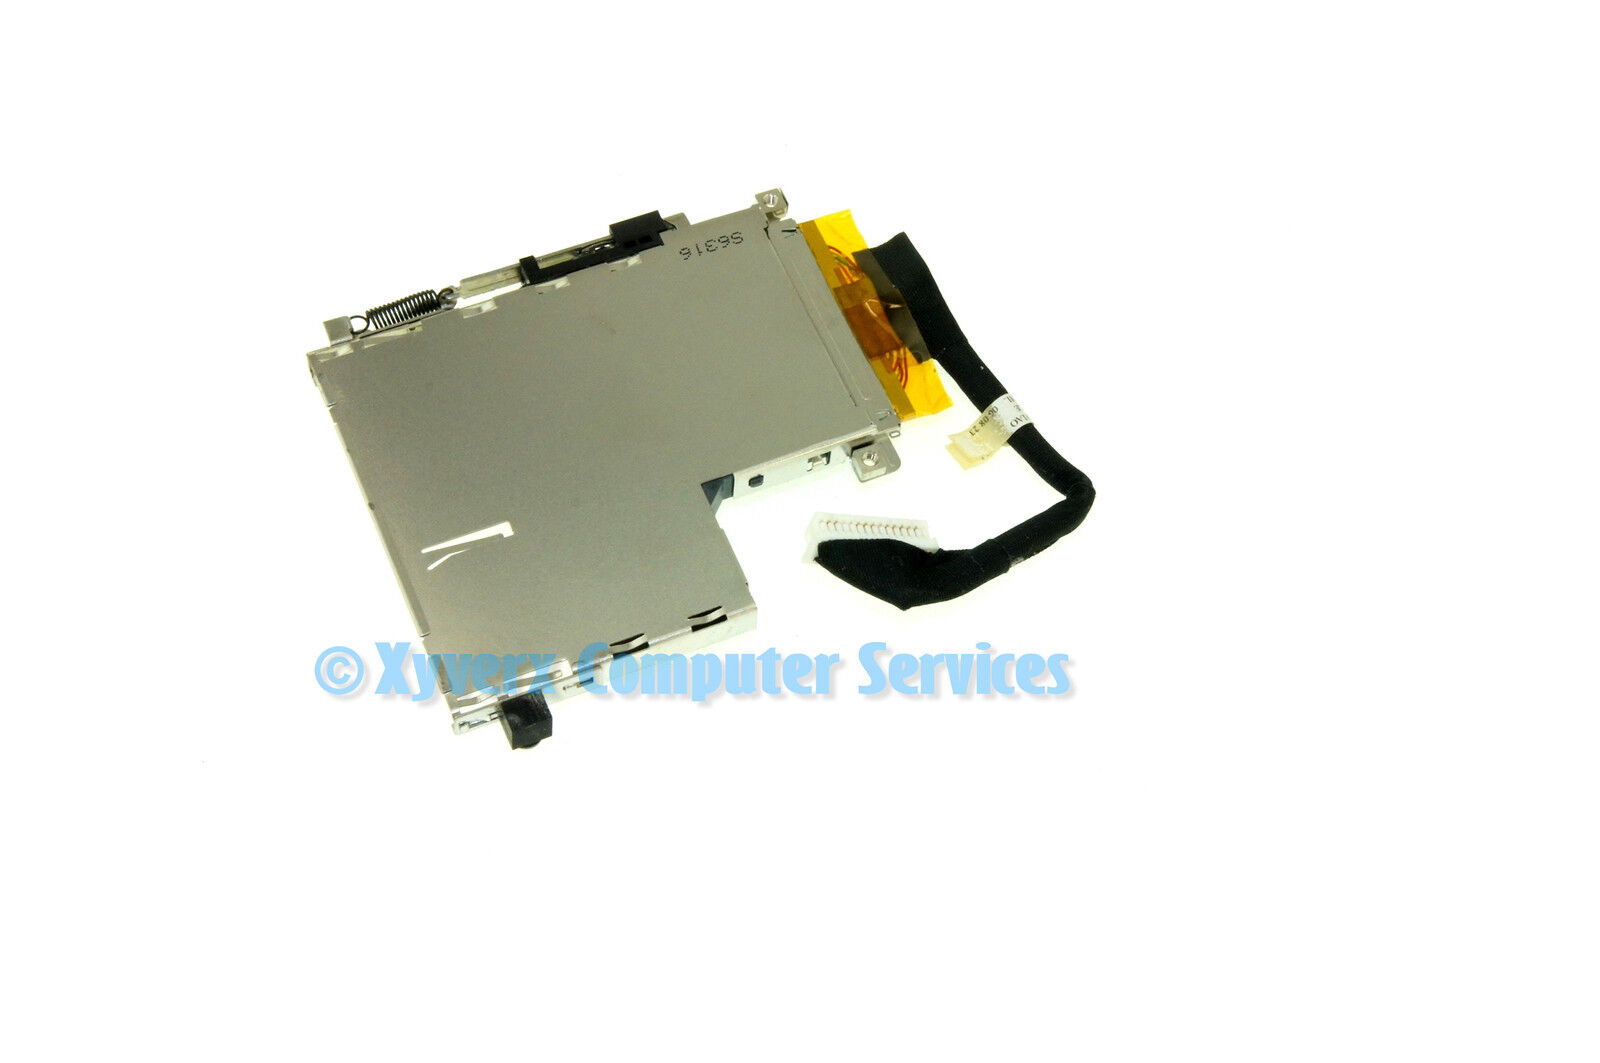 29GP53890-10 OEM DELL PCMCIA CONNECTOR W/ CABLE ALIENWARE M5500I-R3 (GRD A)